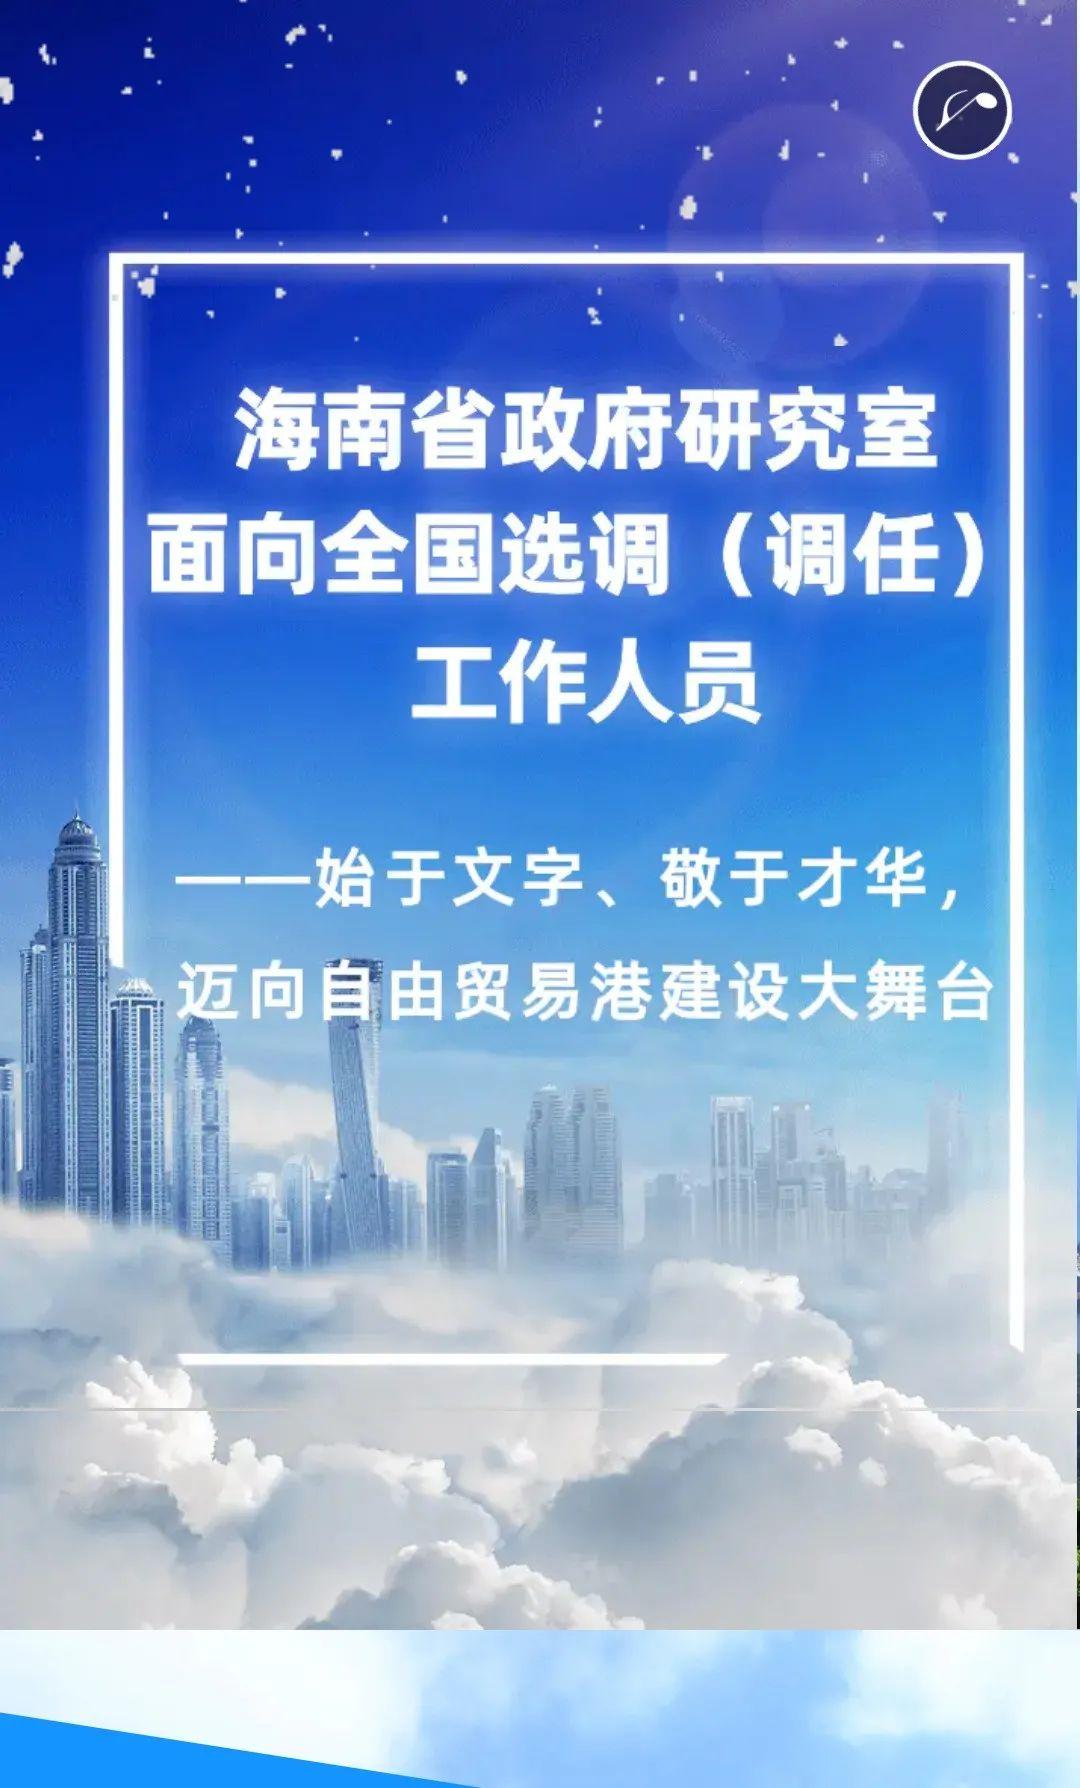 海南省政府研究室面向全国选调工作人员图片